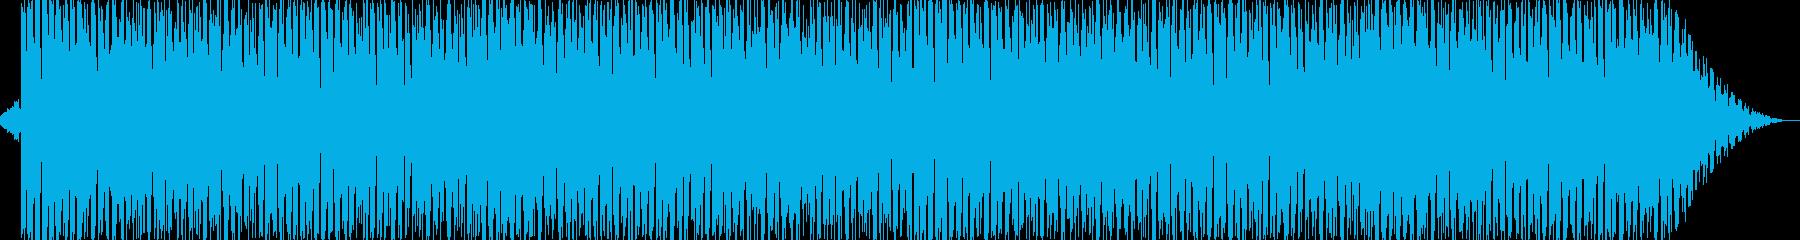 爽やかでオシャレなピアノ系ハウスの再生済みの波形